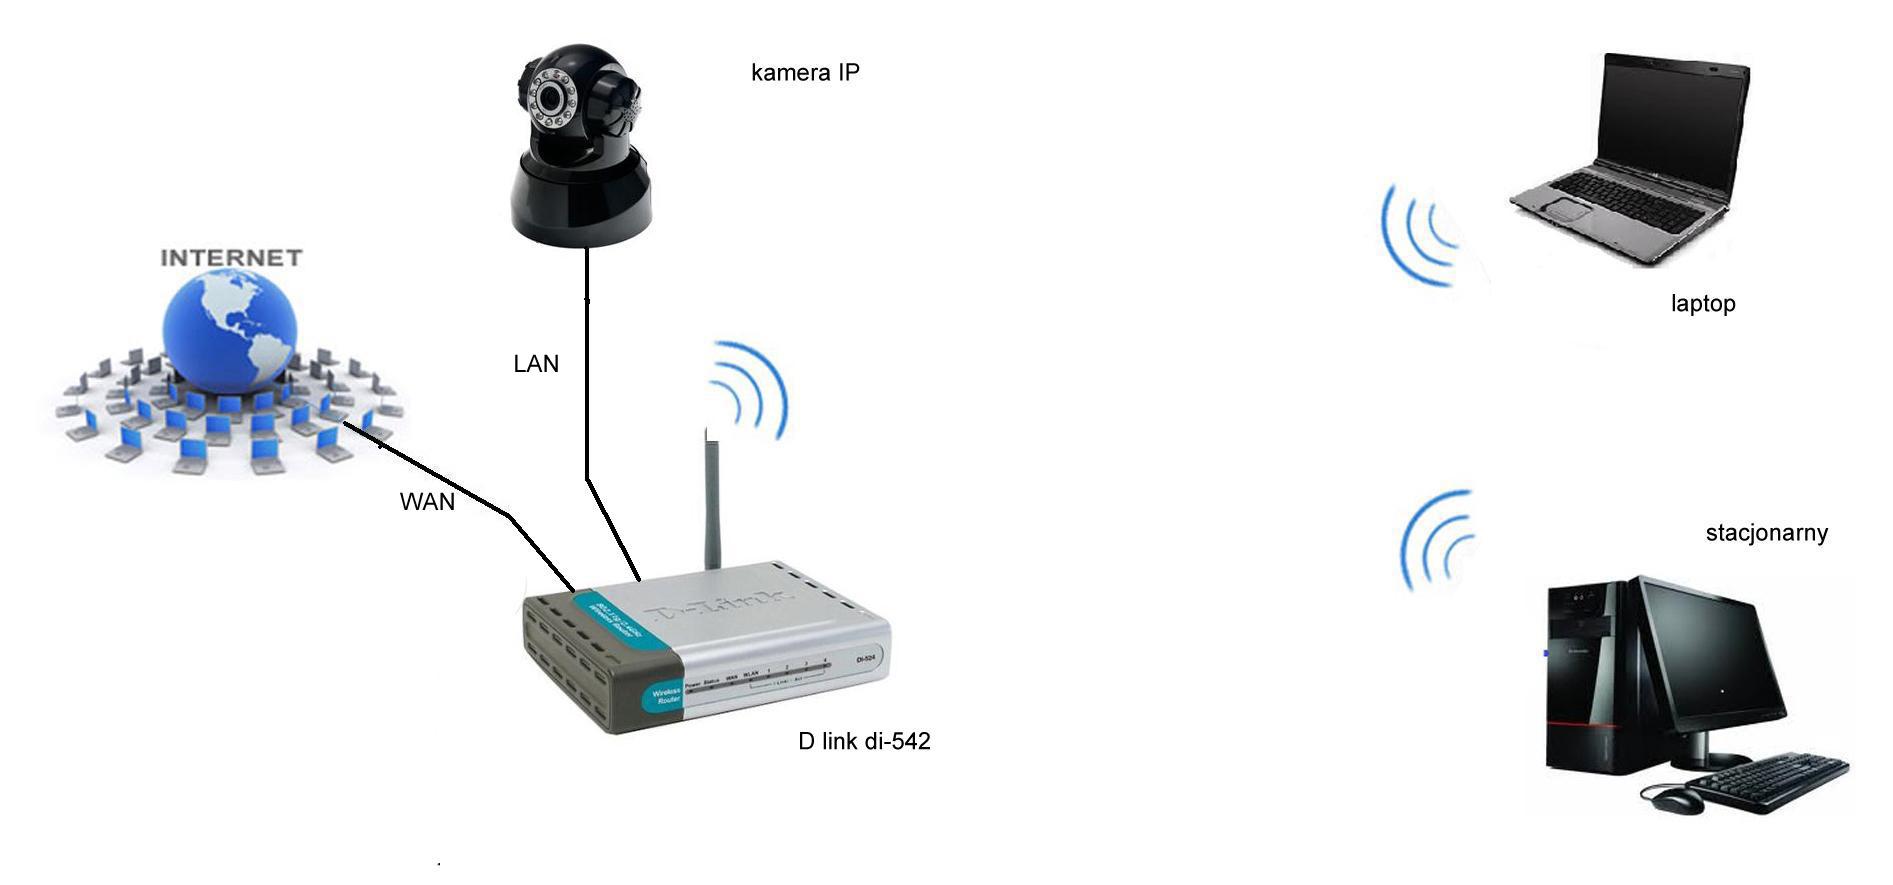 Po��czenie dw�ch ruter�w w jednej sieci + kamera IP